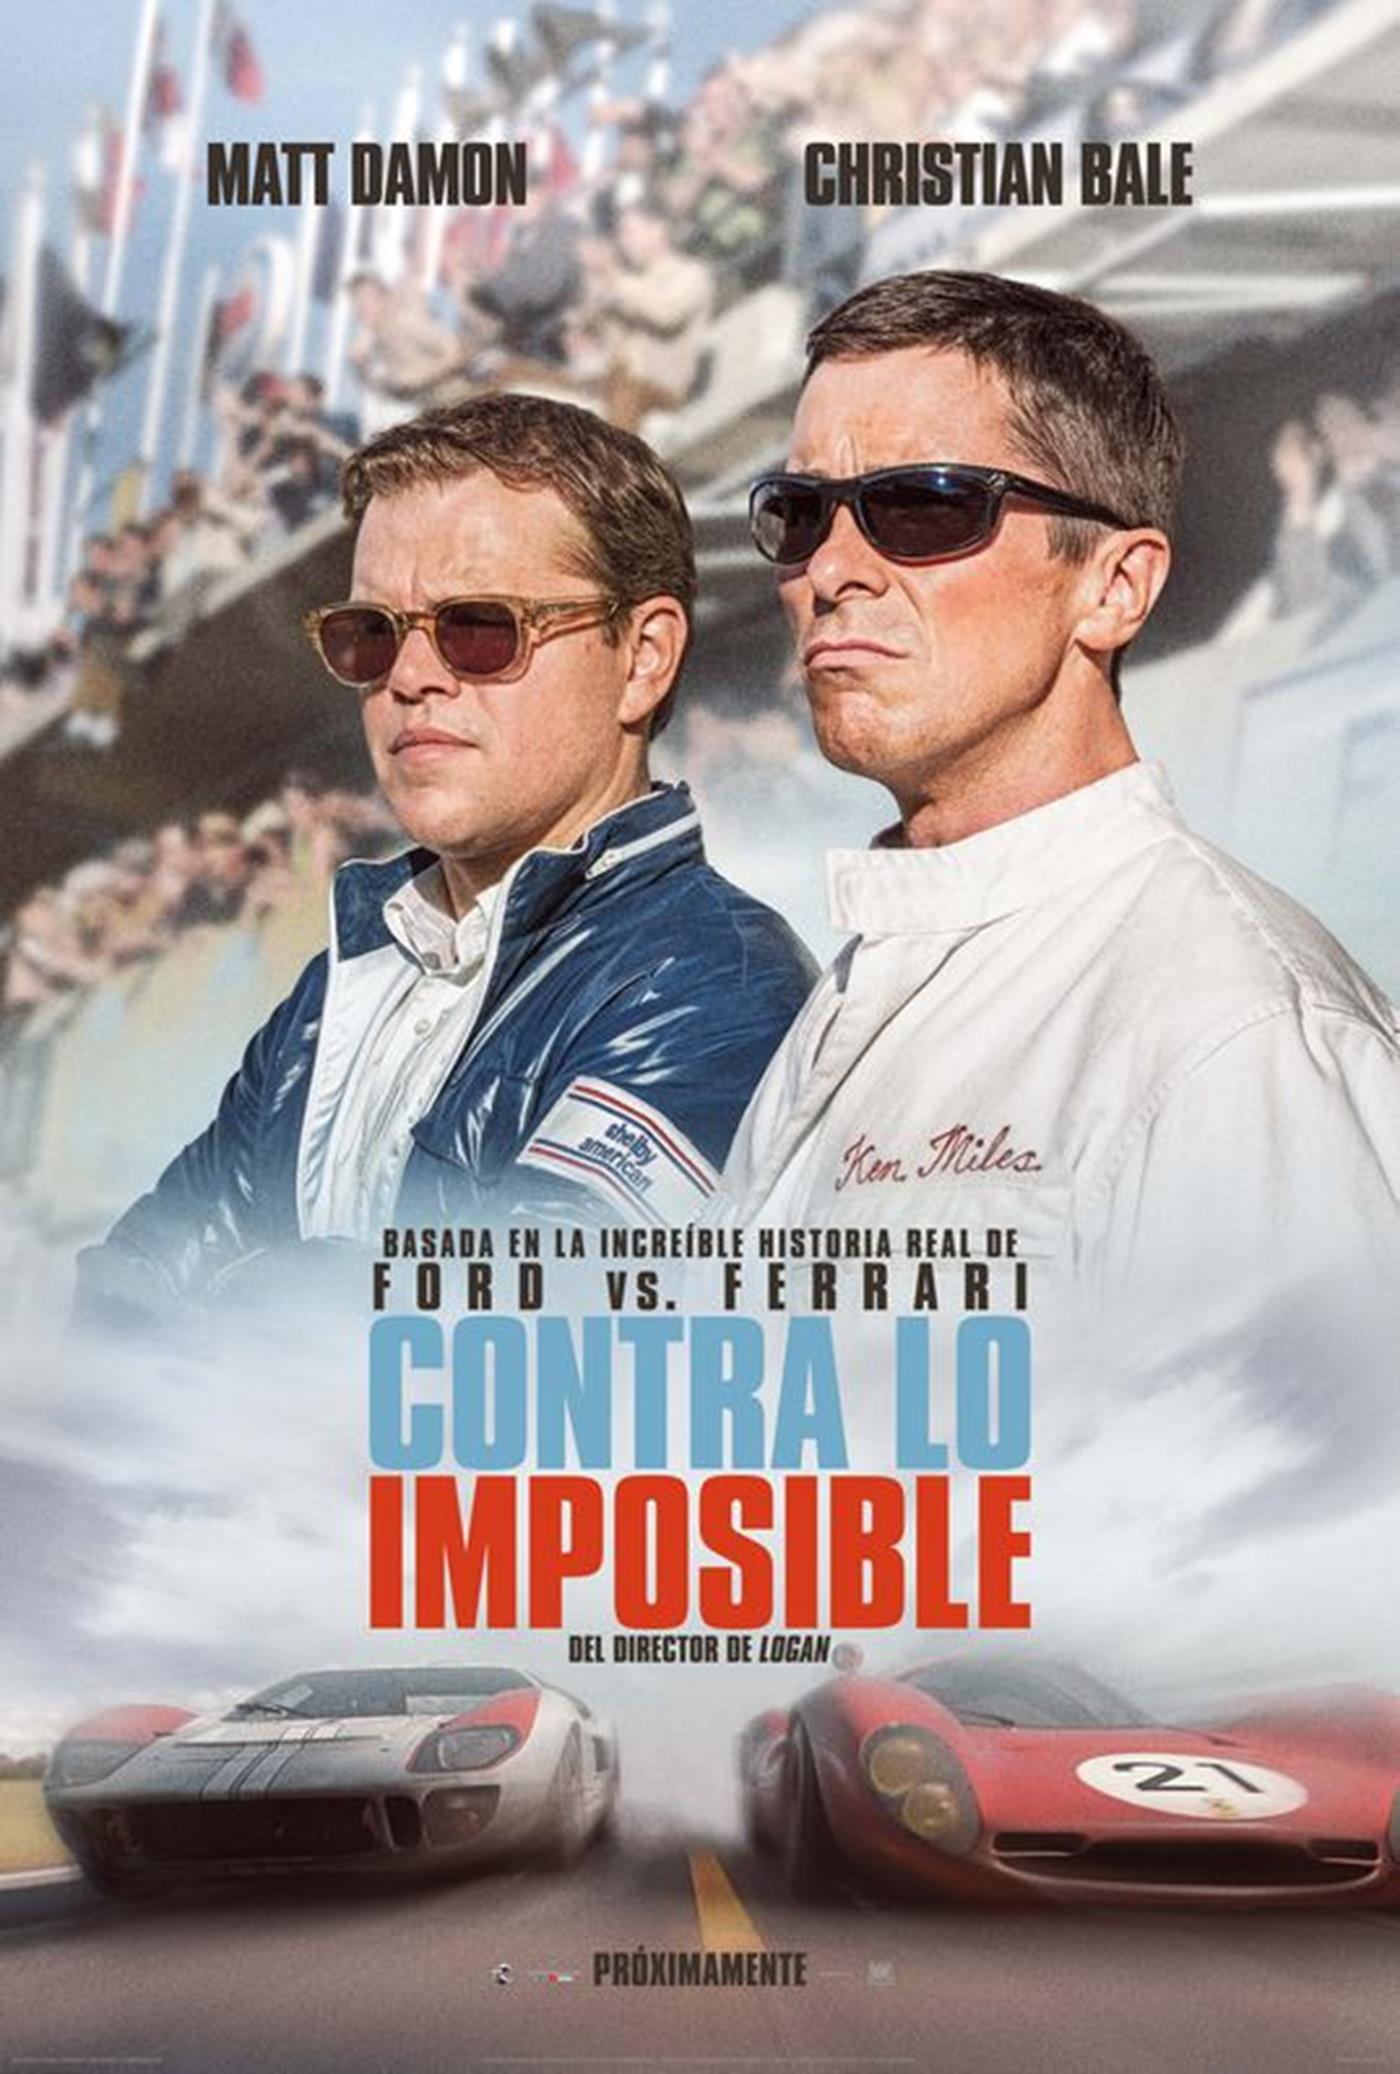 Photo of Estreno en cines de 'Contra lo imposible' el film protagonizado por Matt Damon y Christian Bale